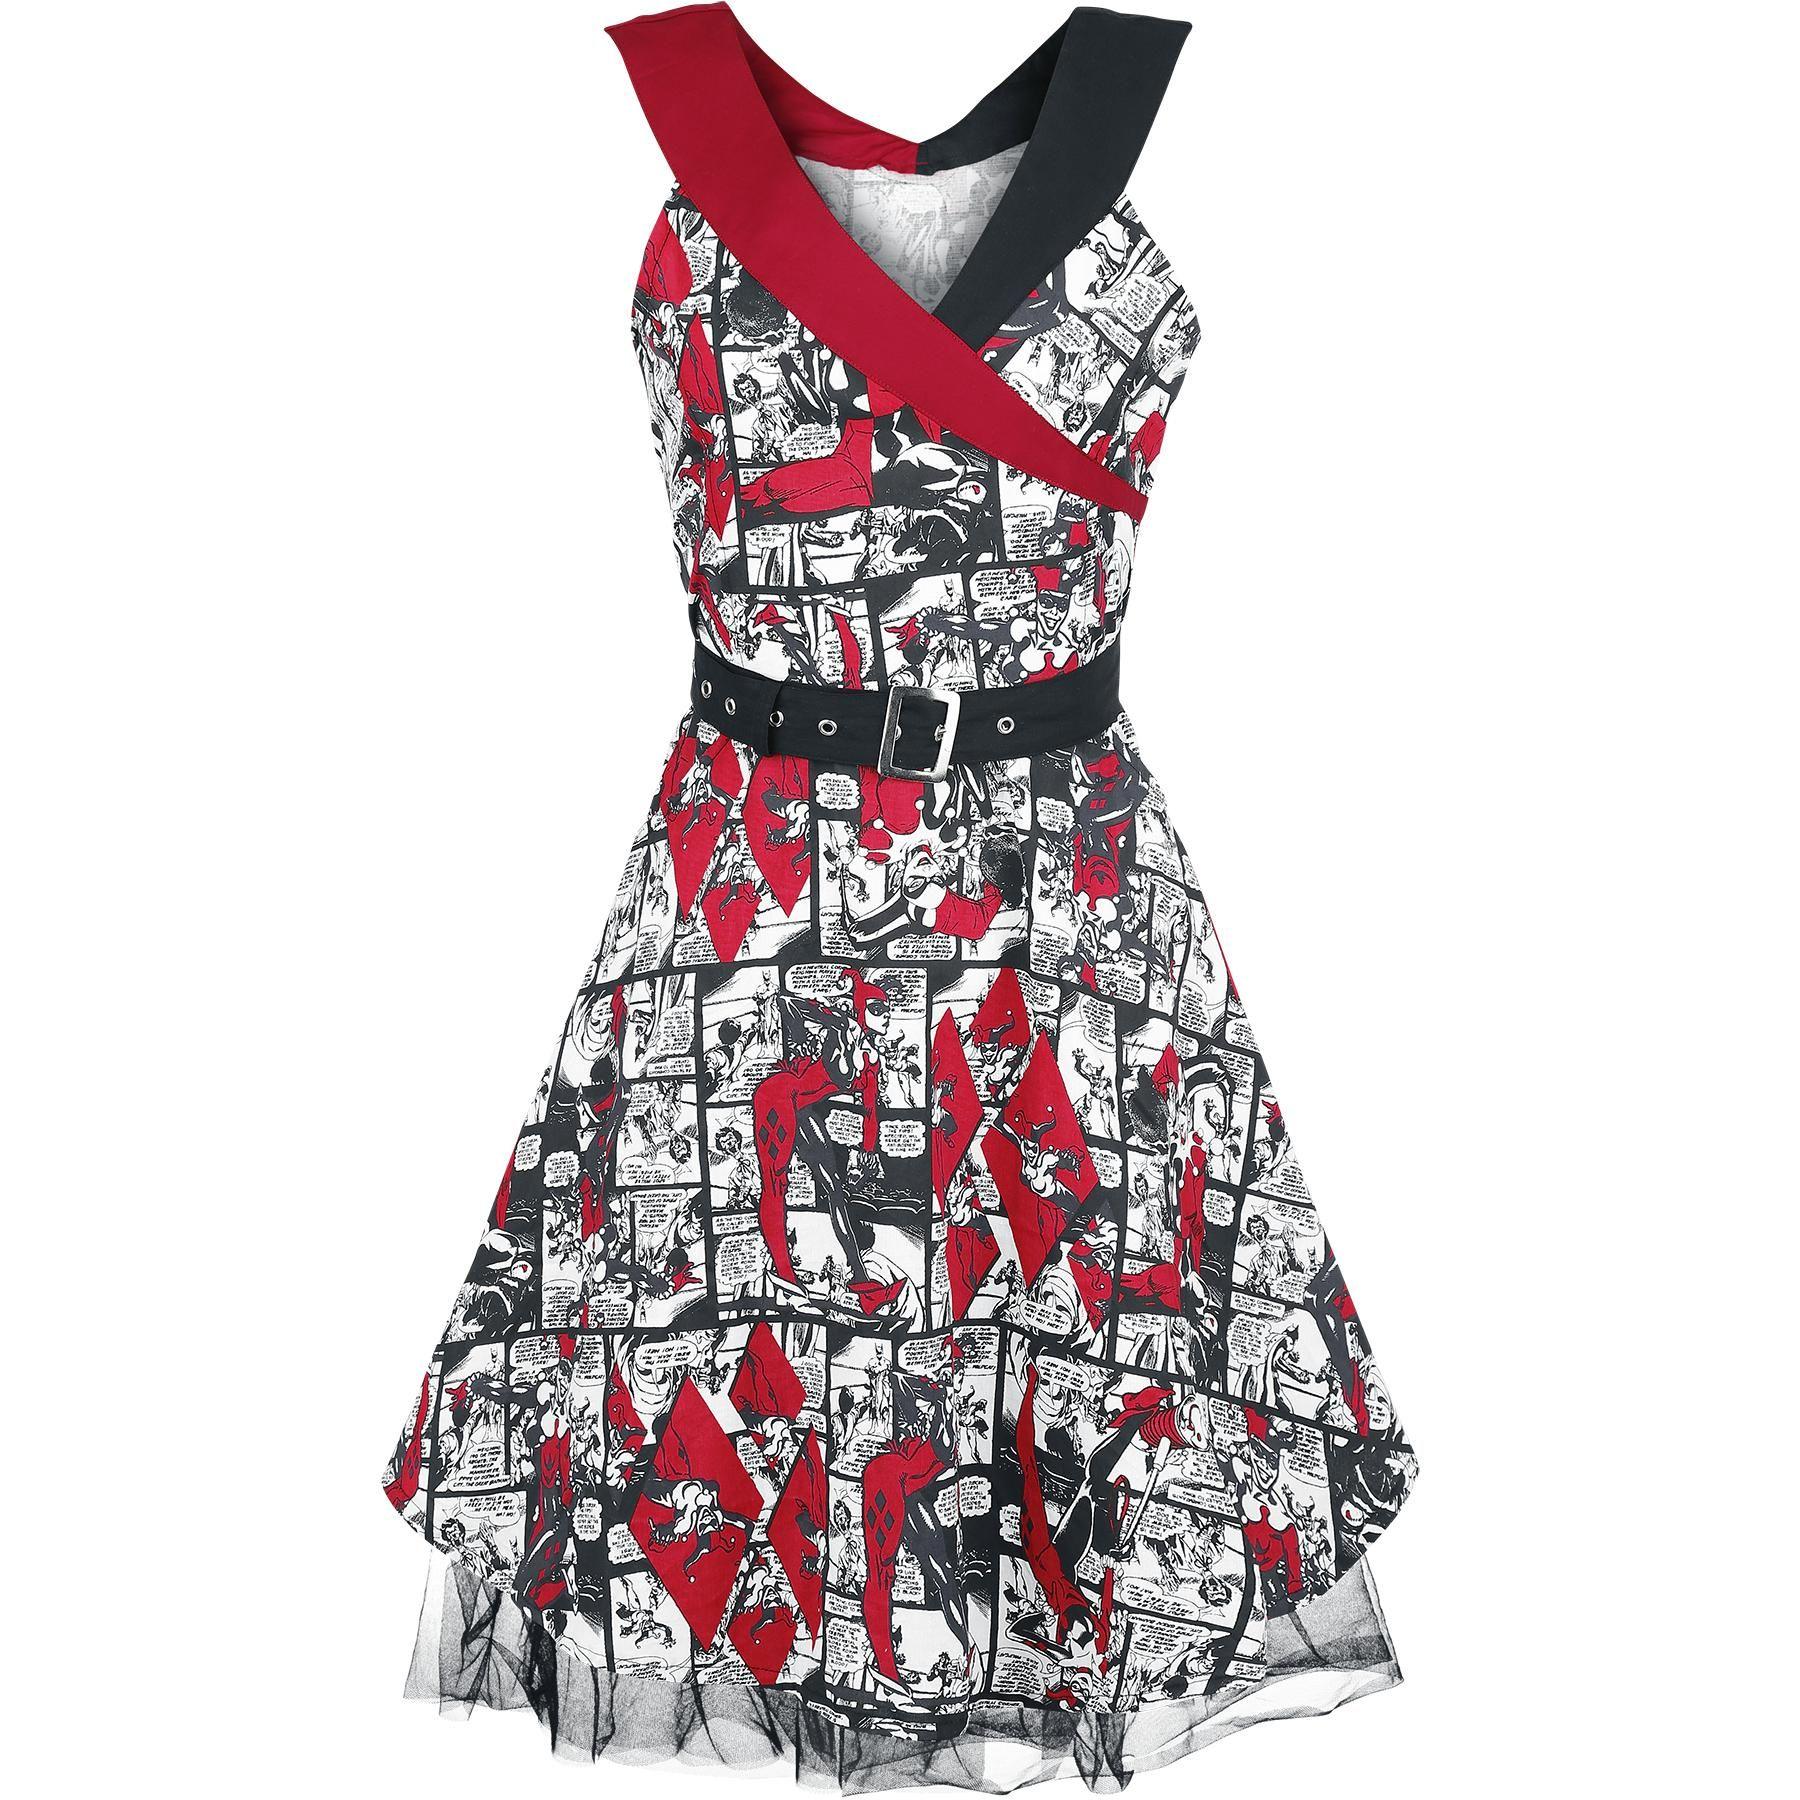 Šaty Harley Quinn - Comic Strip - Vícebarevné ramínka - Vypasovaný střih -  Dvě kapsy na bocích - Zip na boku - Tylová spodnička 9064728099b